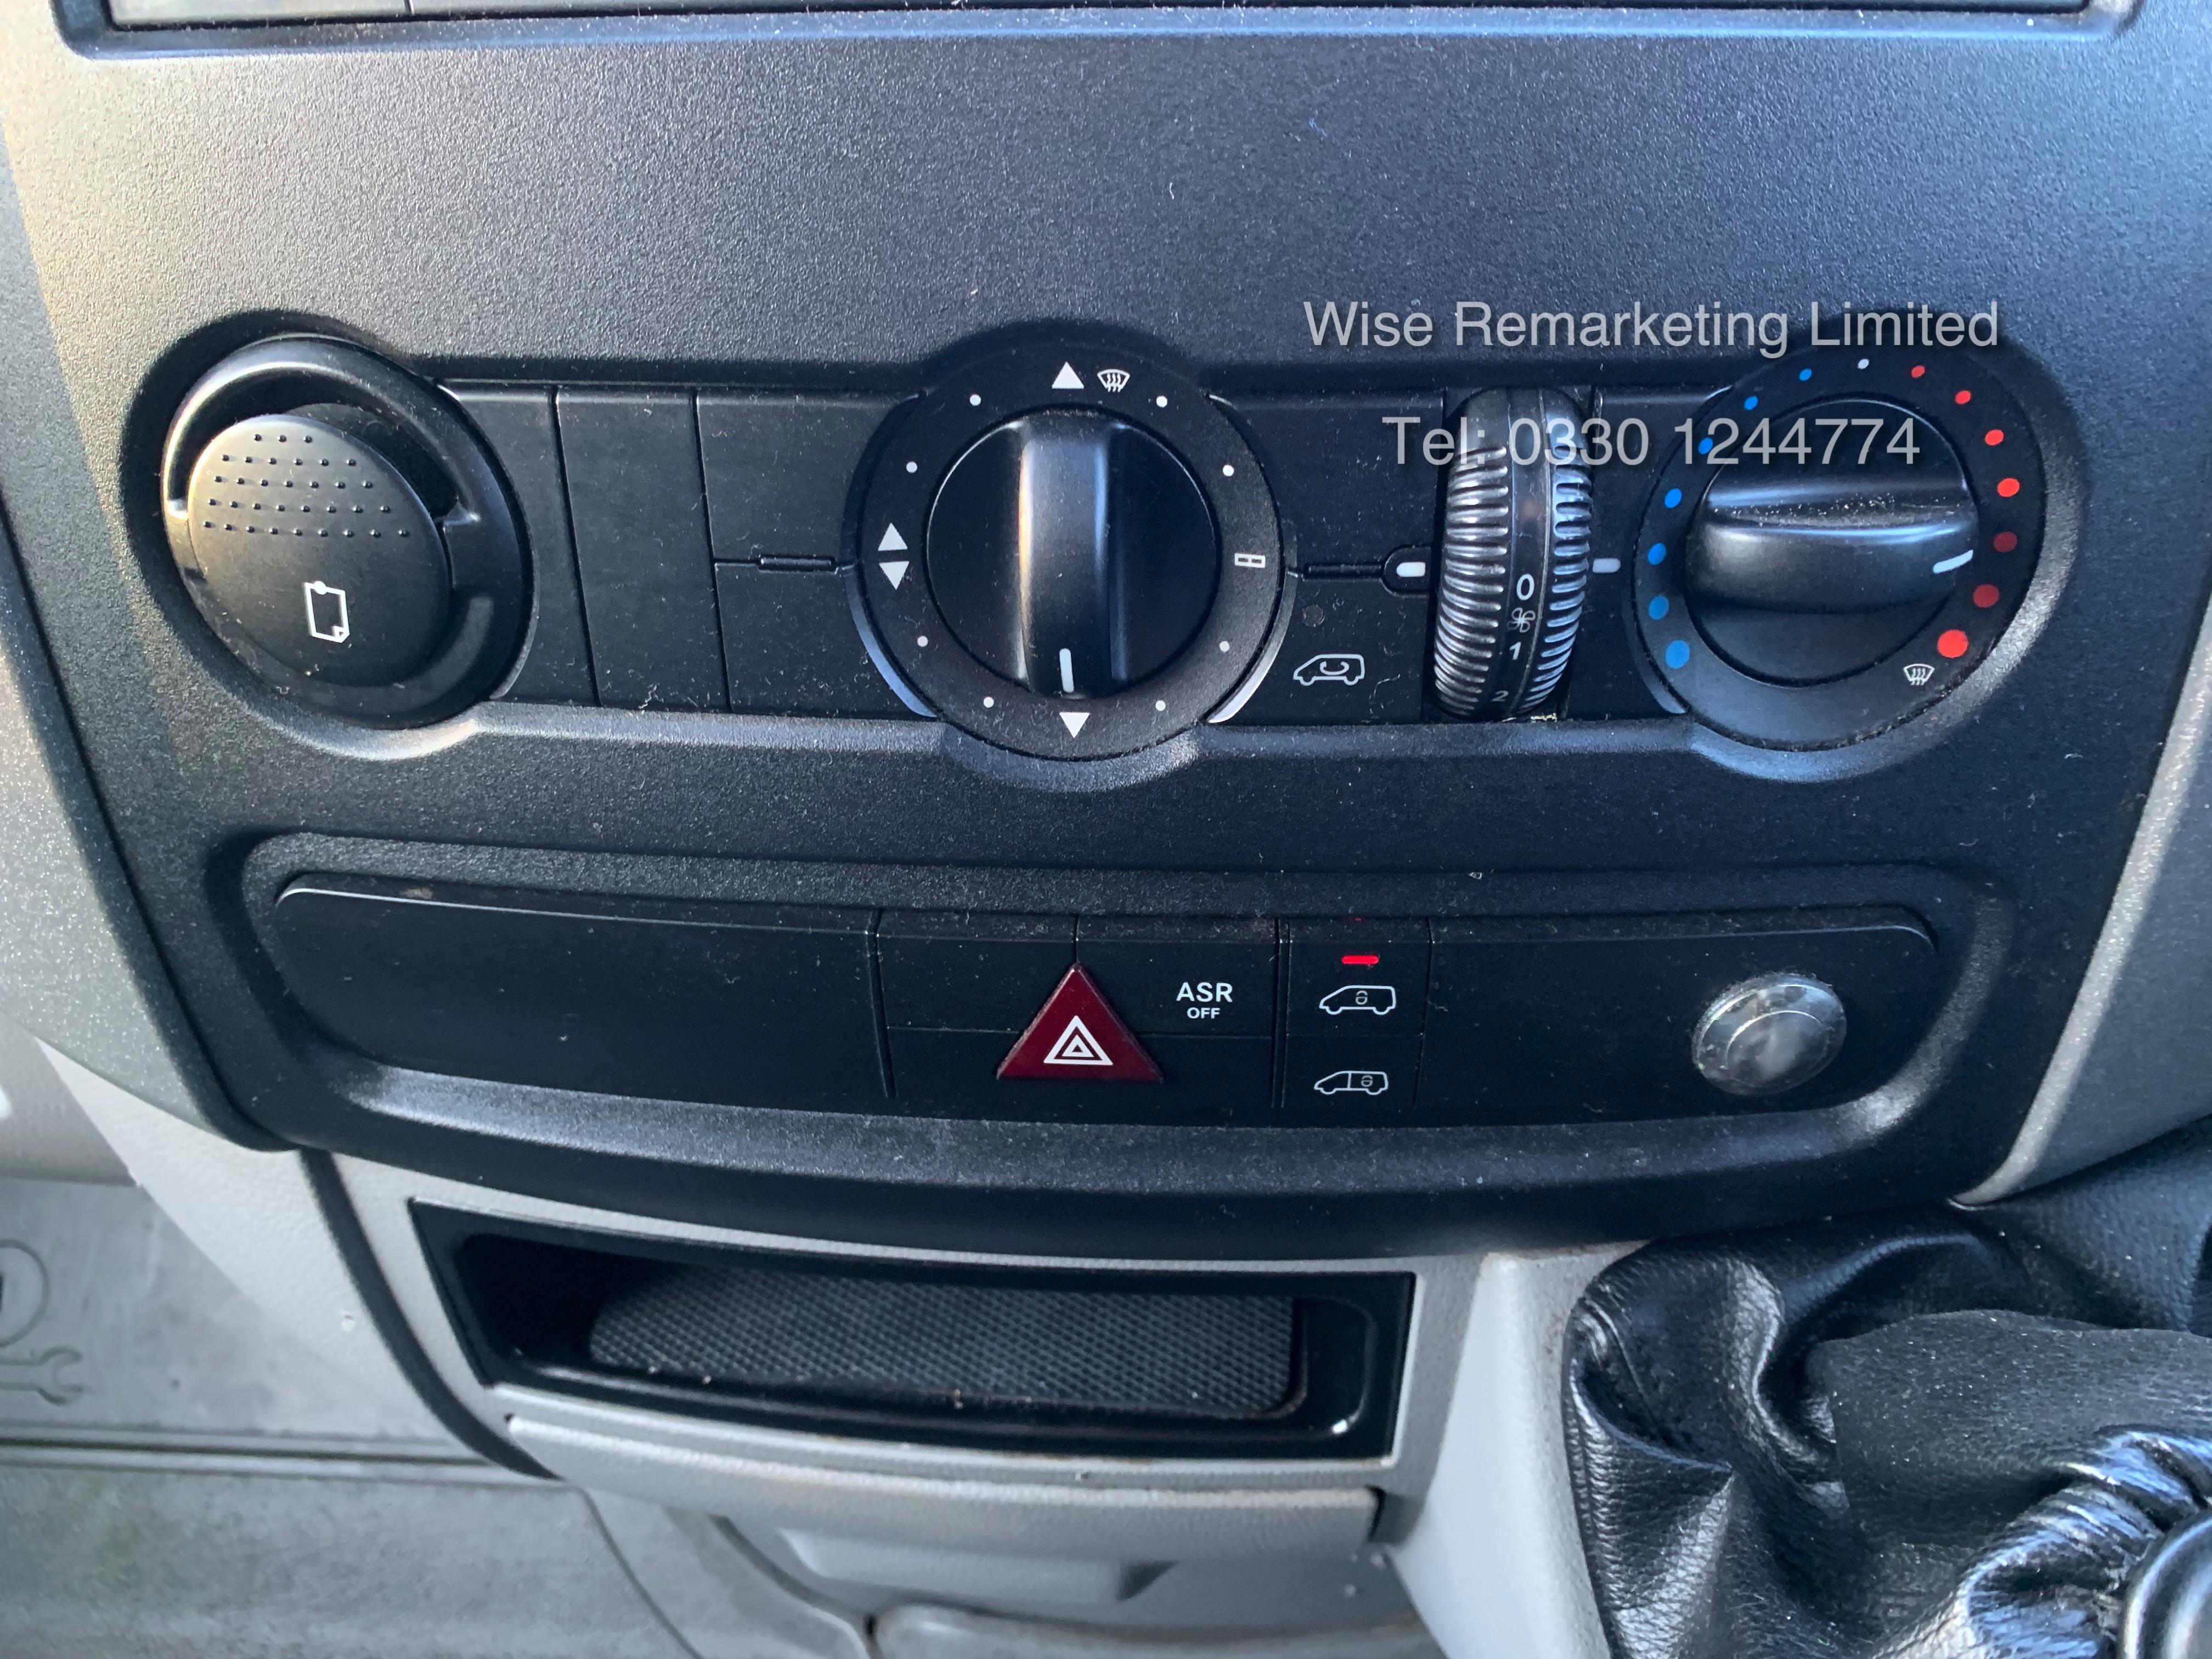 (RESERVE MET) Mercedes Sprinter 316 2.1 CDI Long Wheel Base High Roof Van - 2014 Model - 1 Owner - Image 14 of 19